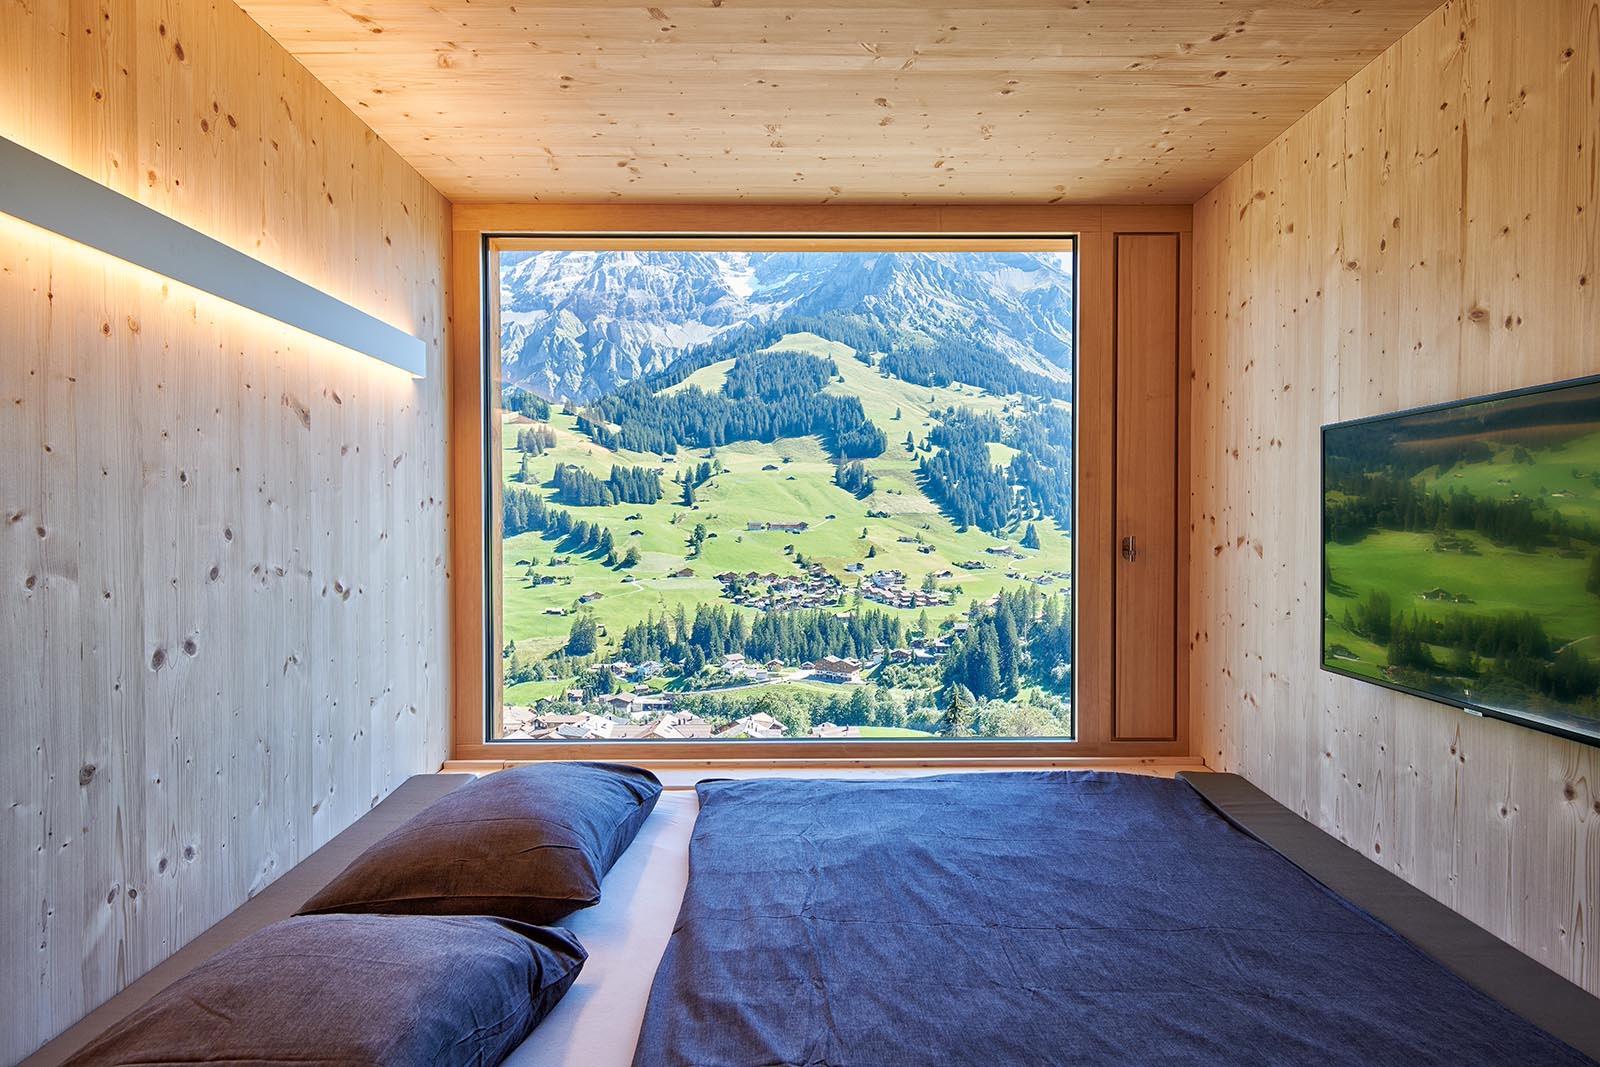 Hotel_Revier_Adelboden_05.jpg